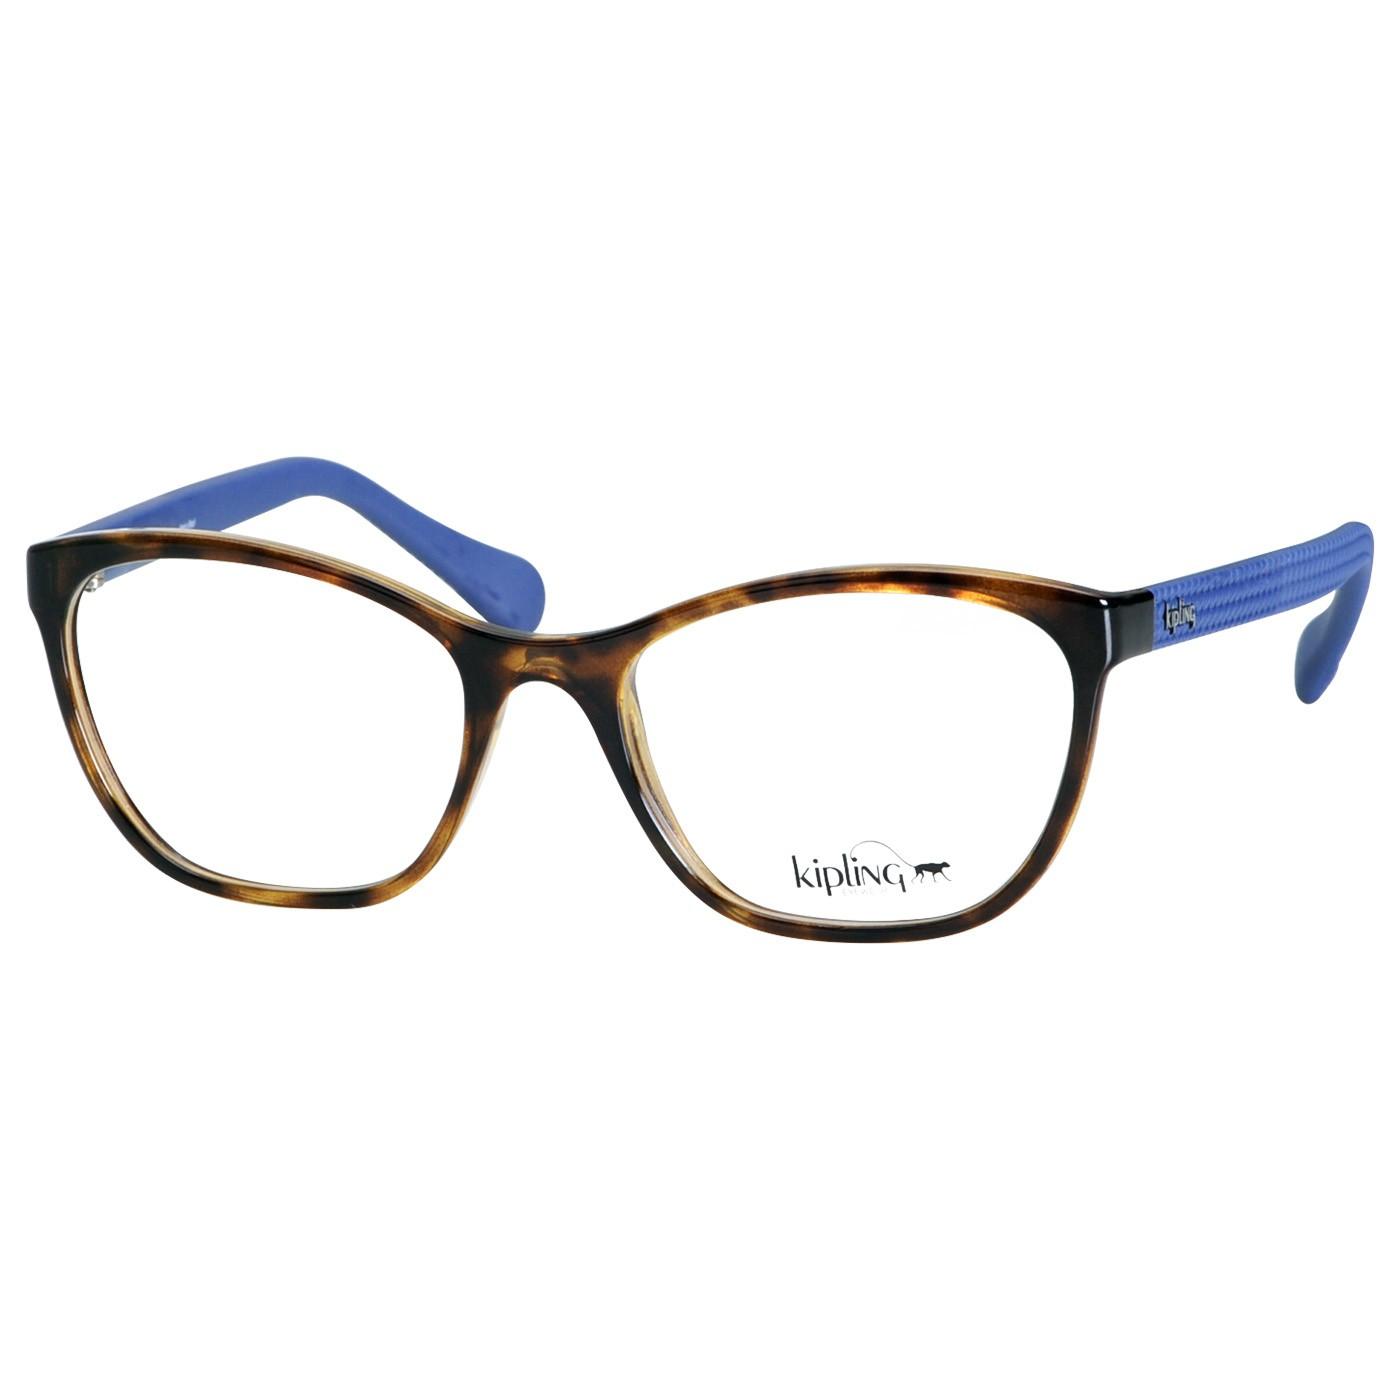 Armação de Óculos Kipling KP3103 Marrom Tartaruga Brilho e Azul